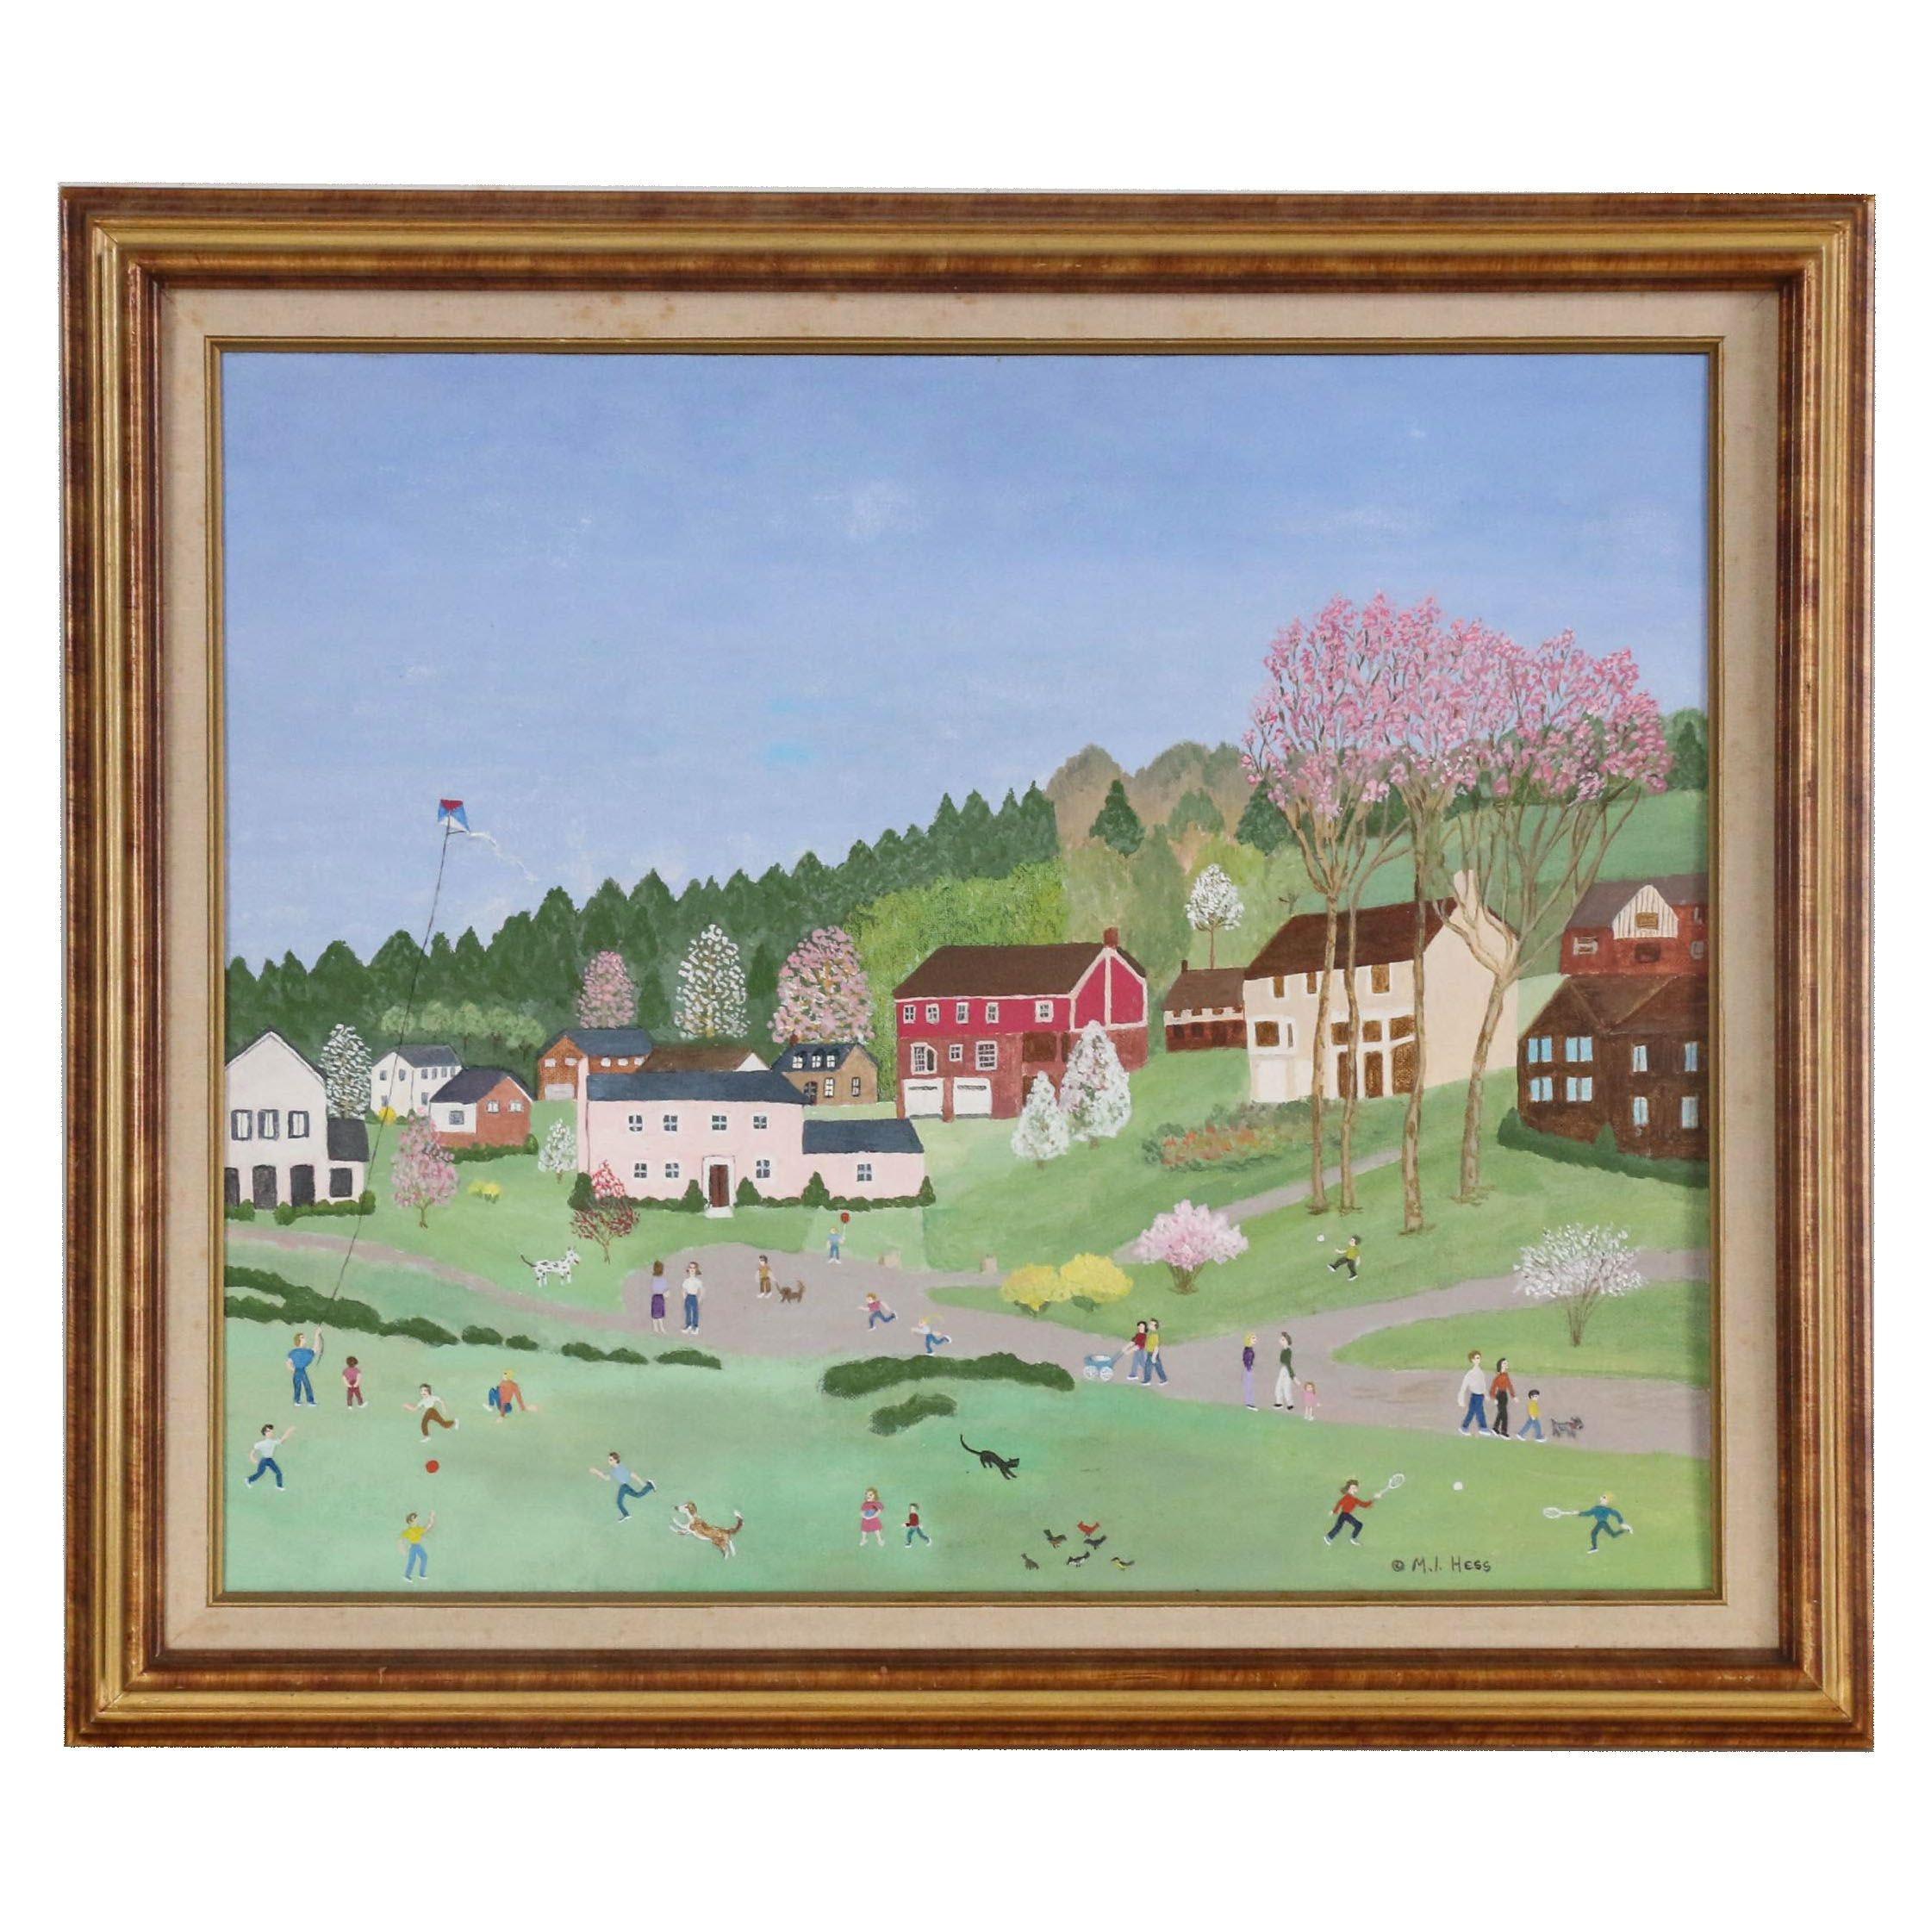 Inez Hess Folk Acrylic Painting of Townscape